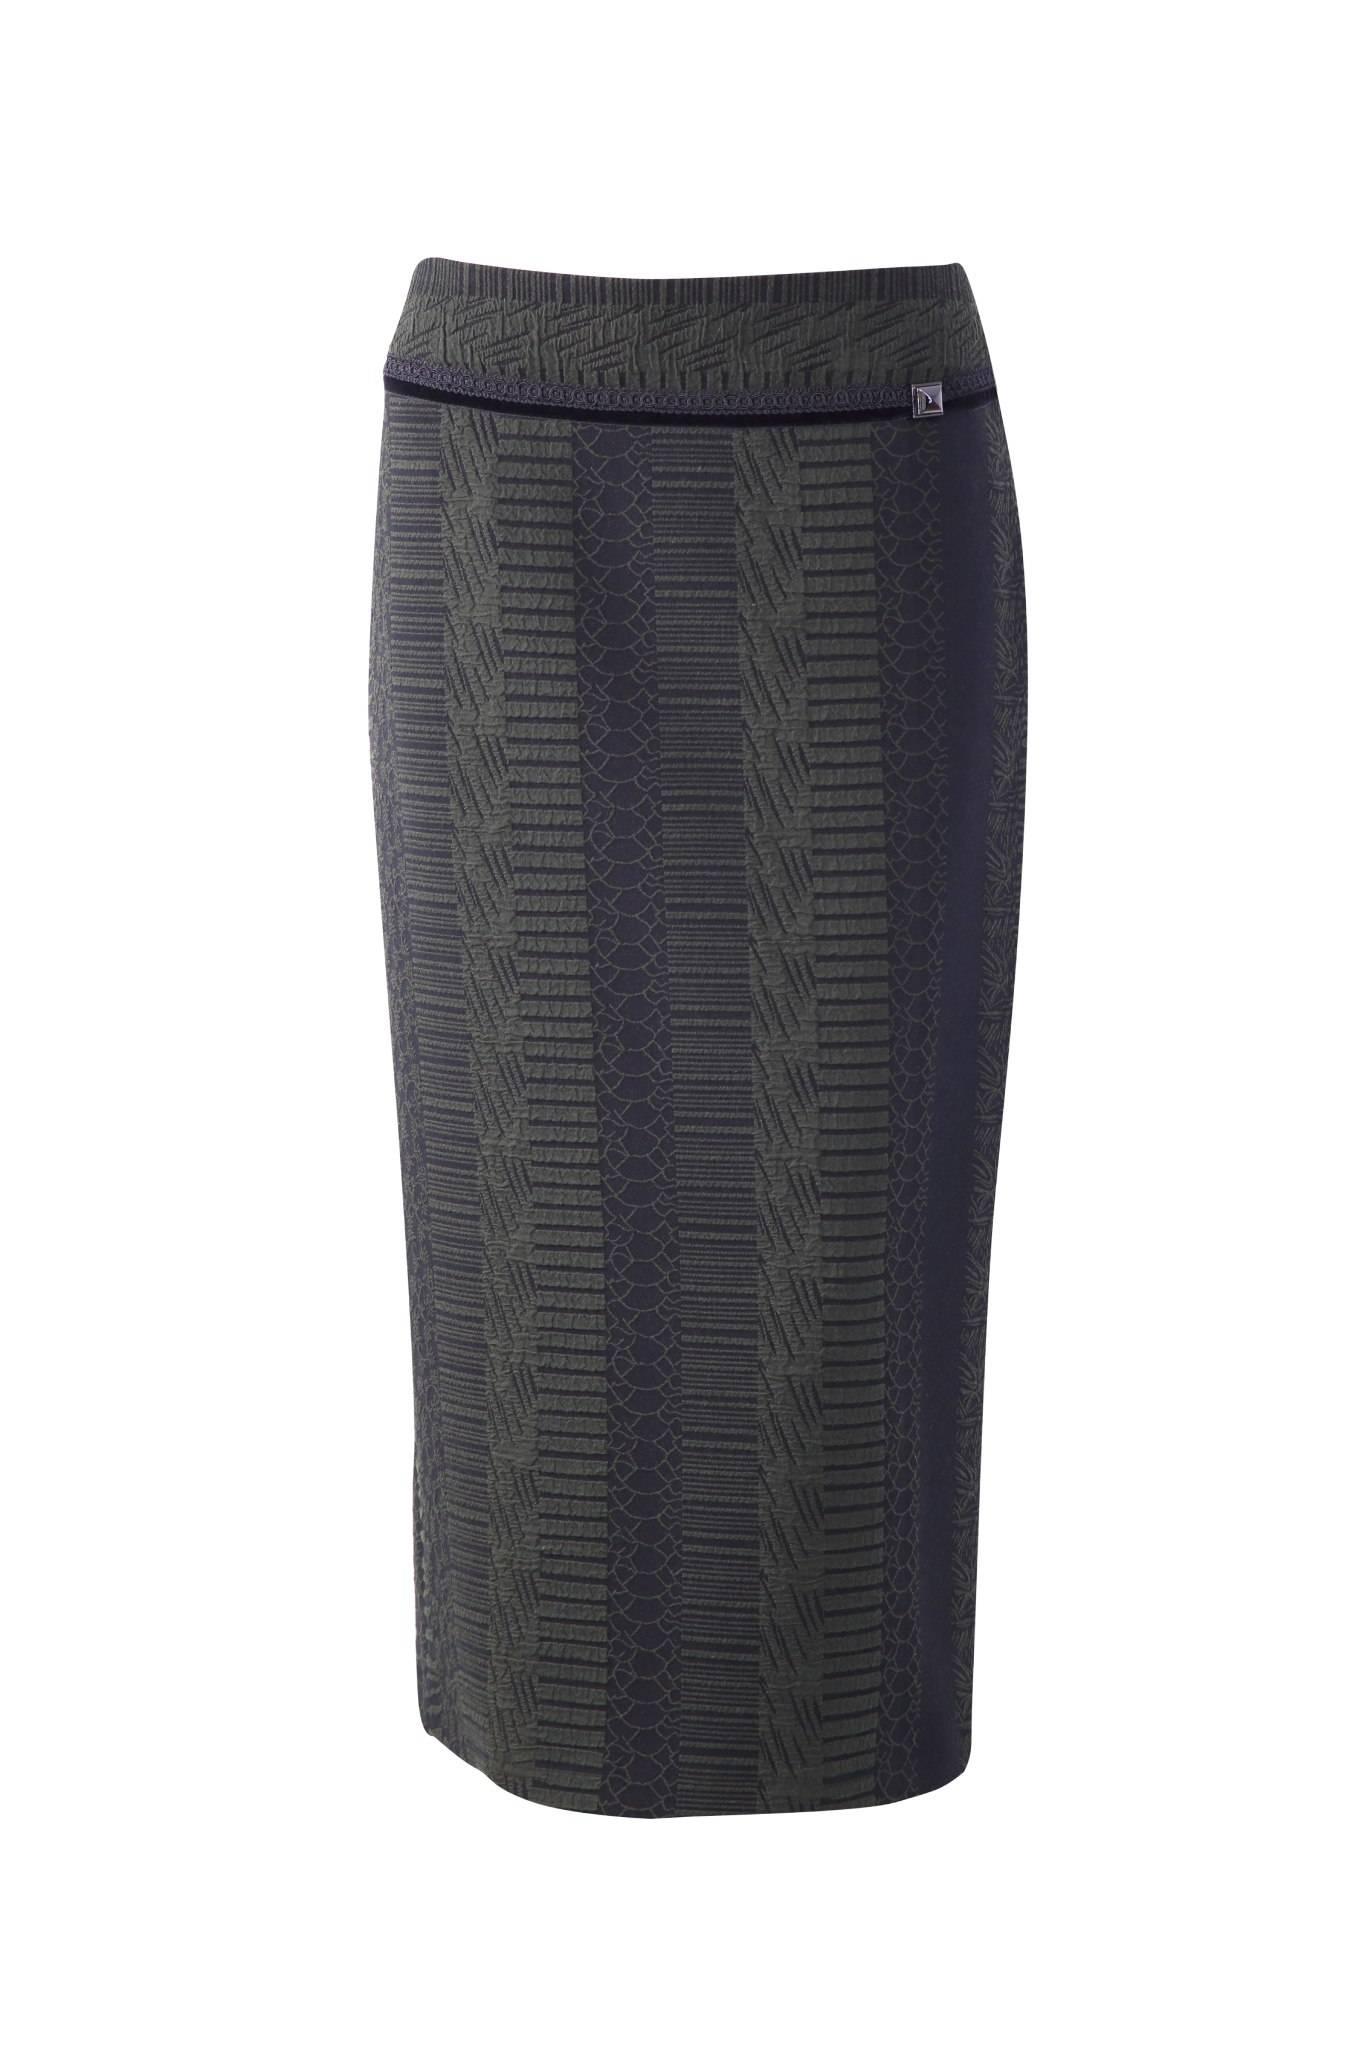 1165 Jumitex spodnica z welna przod